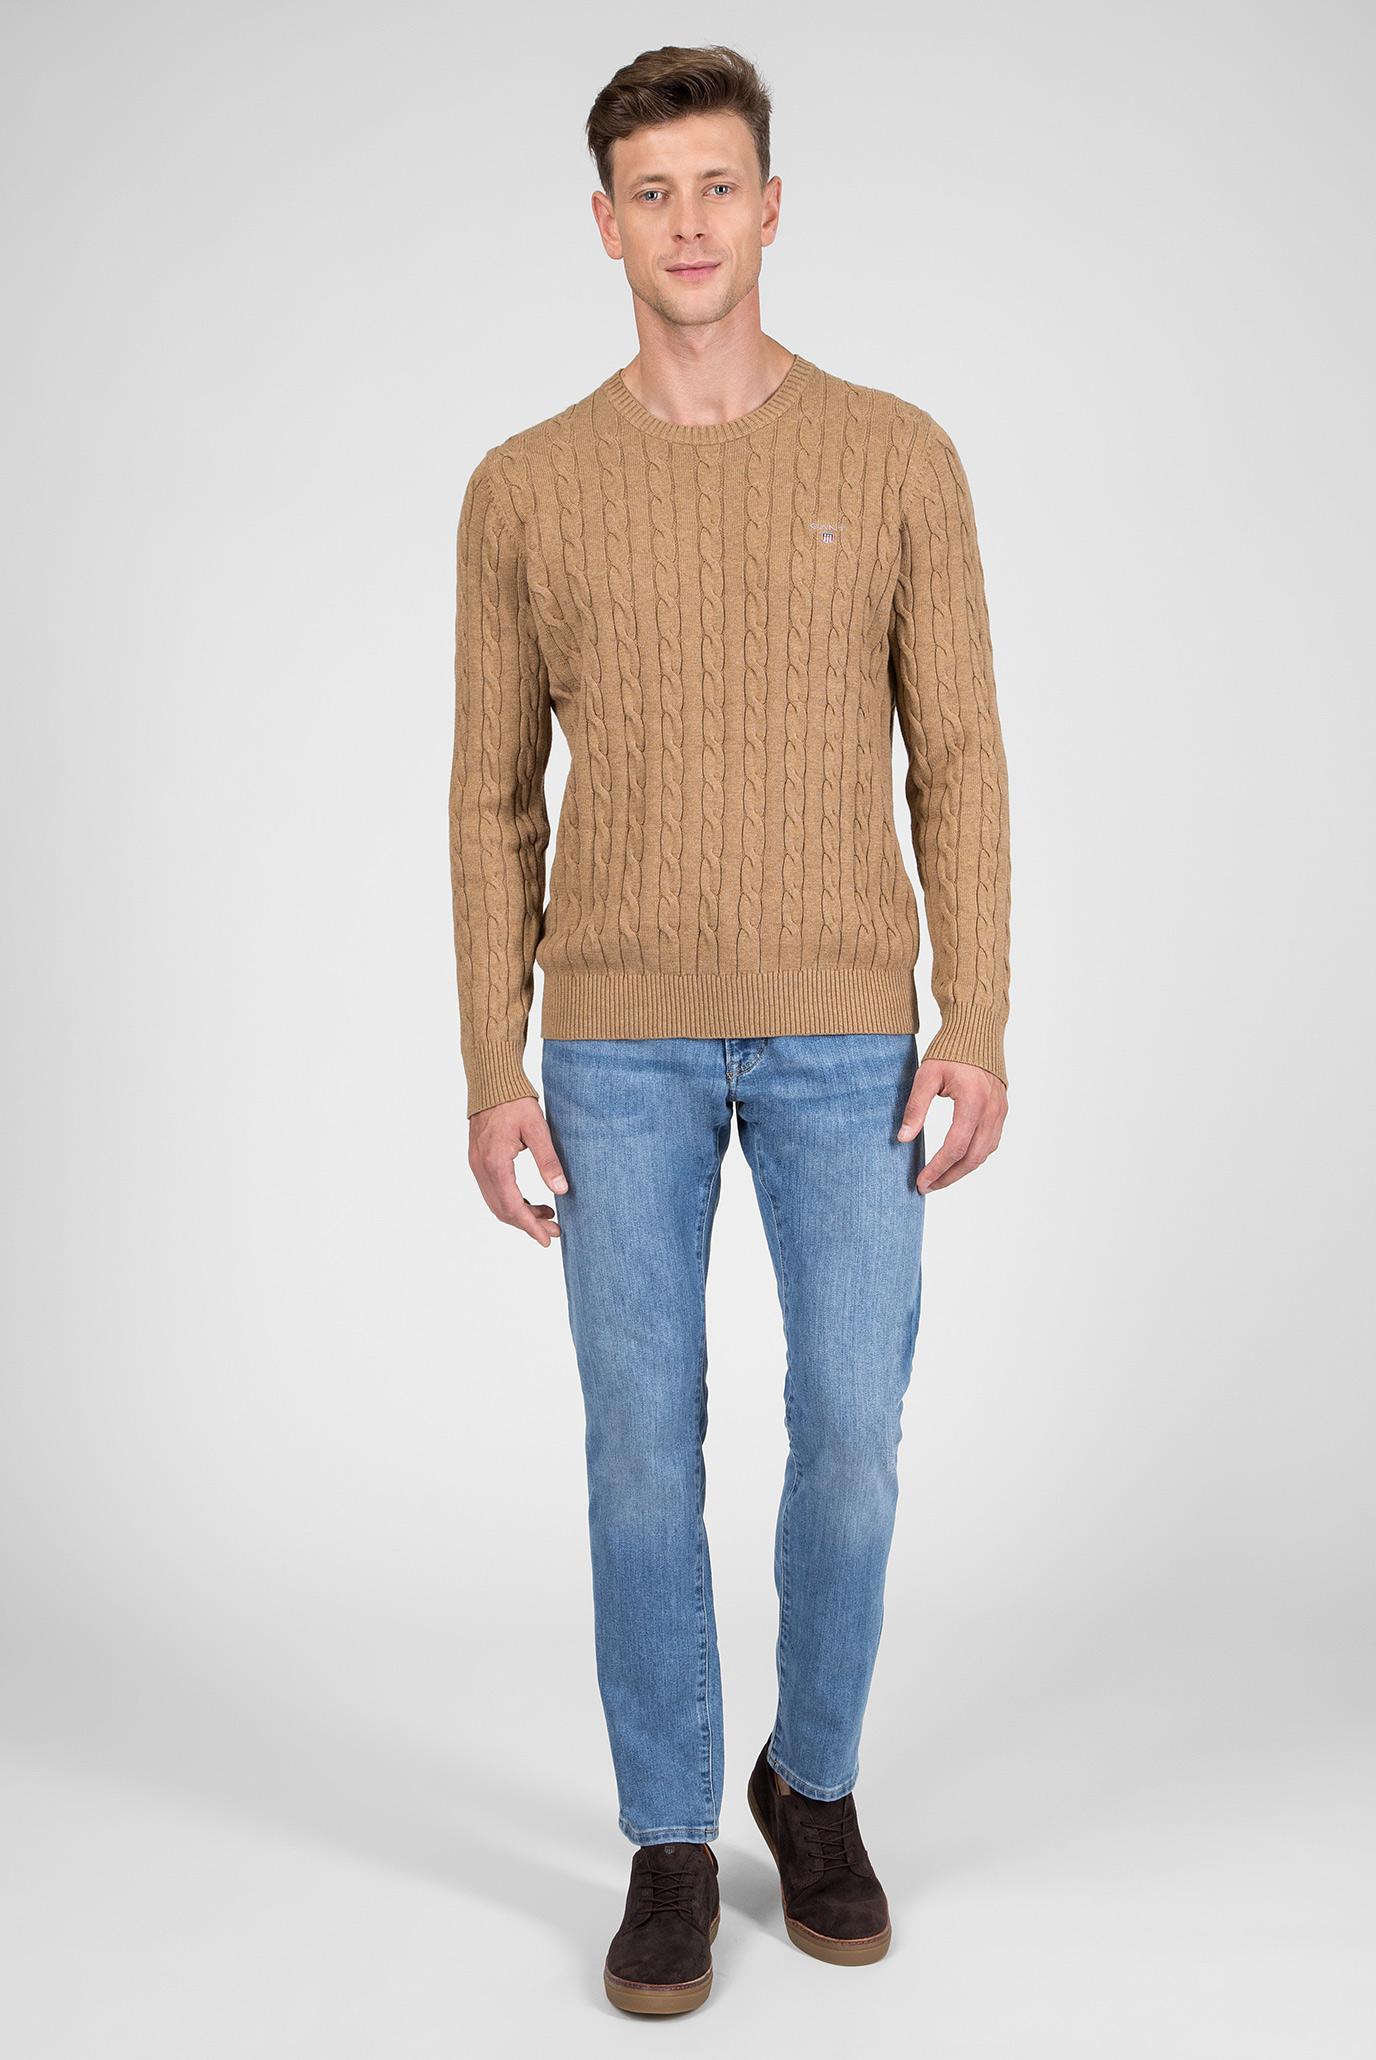 Купить Мужской бежевый джемпер Gant Gant 80051 – Киев, Украина. Цены в интернет магазине MD Fashion